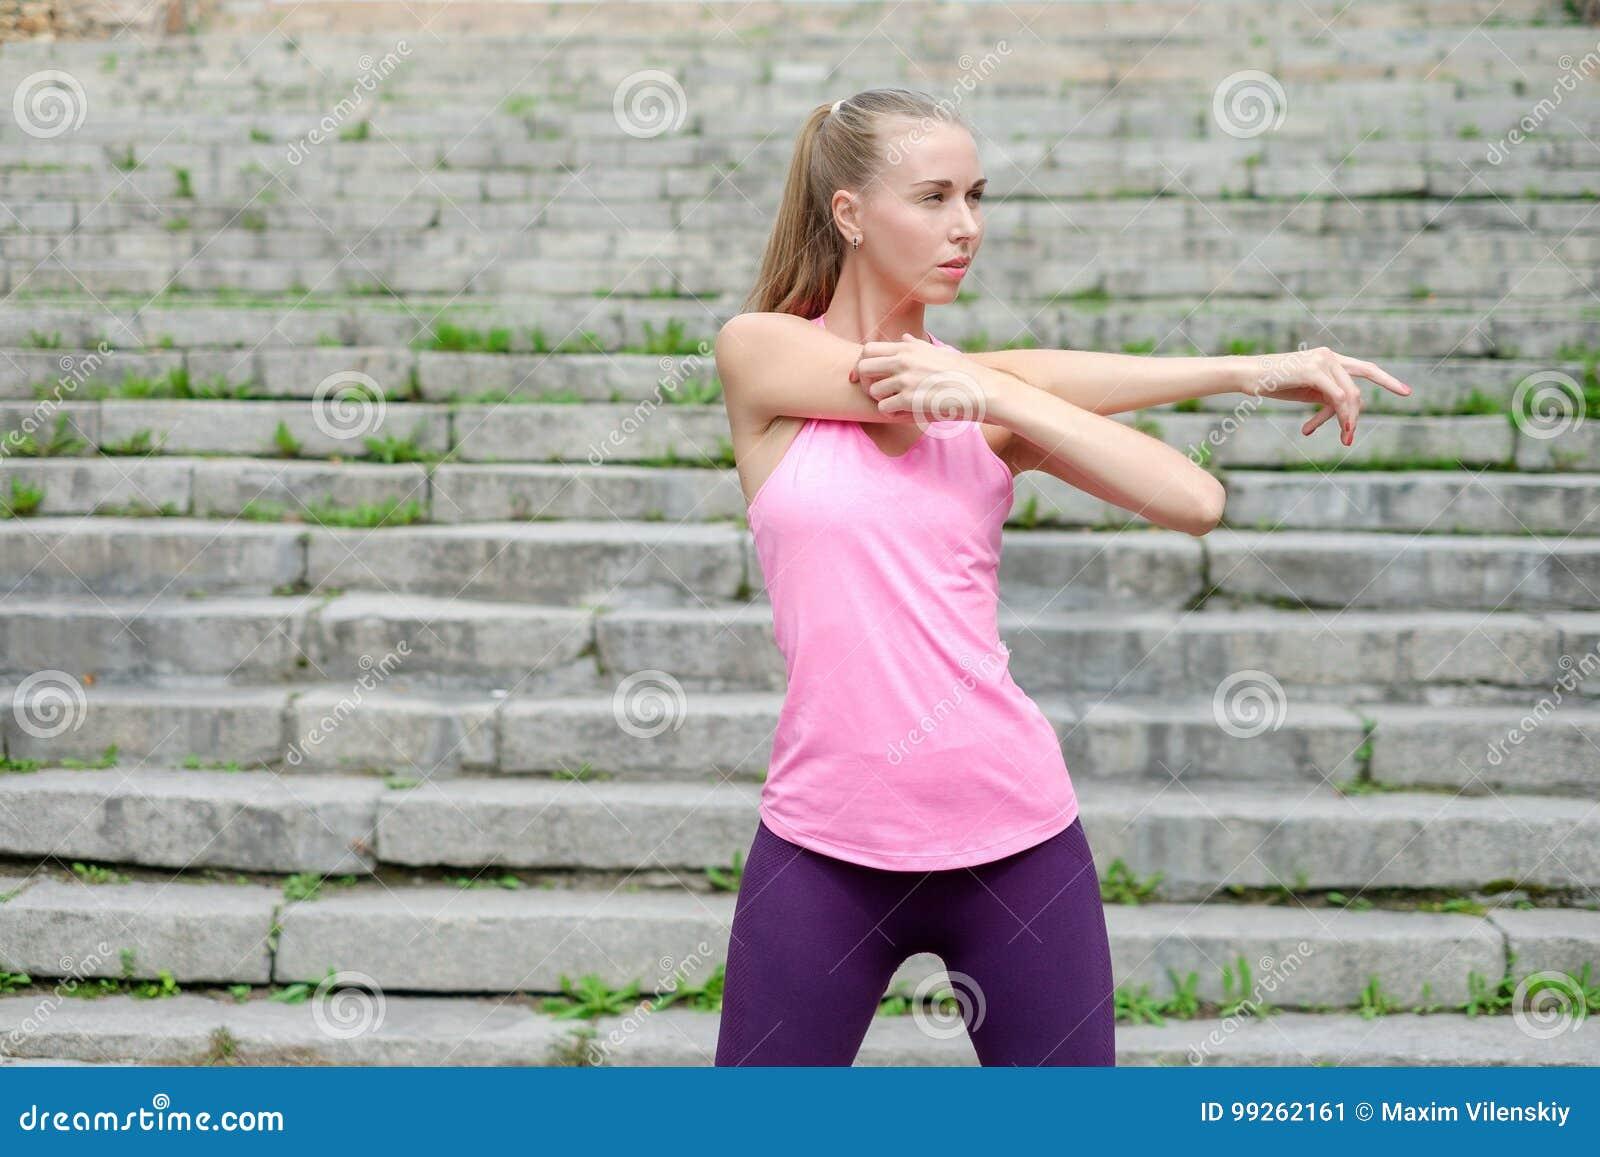 Het portret van jonge sportieve vrouw in sportkleding doet uitrekkende oefeningen openlucht